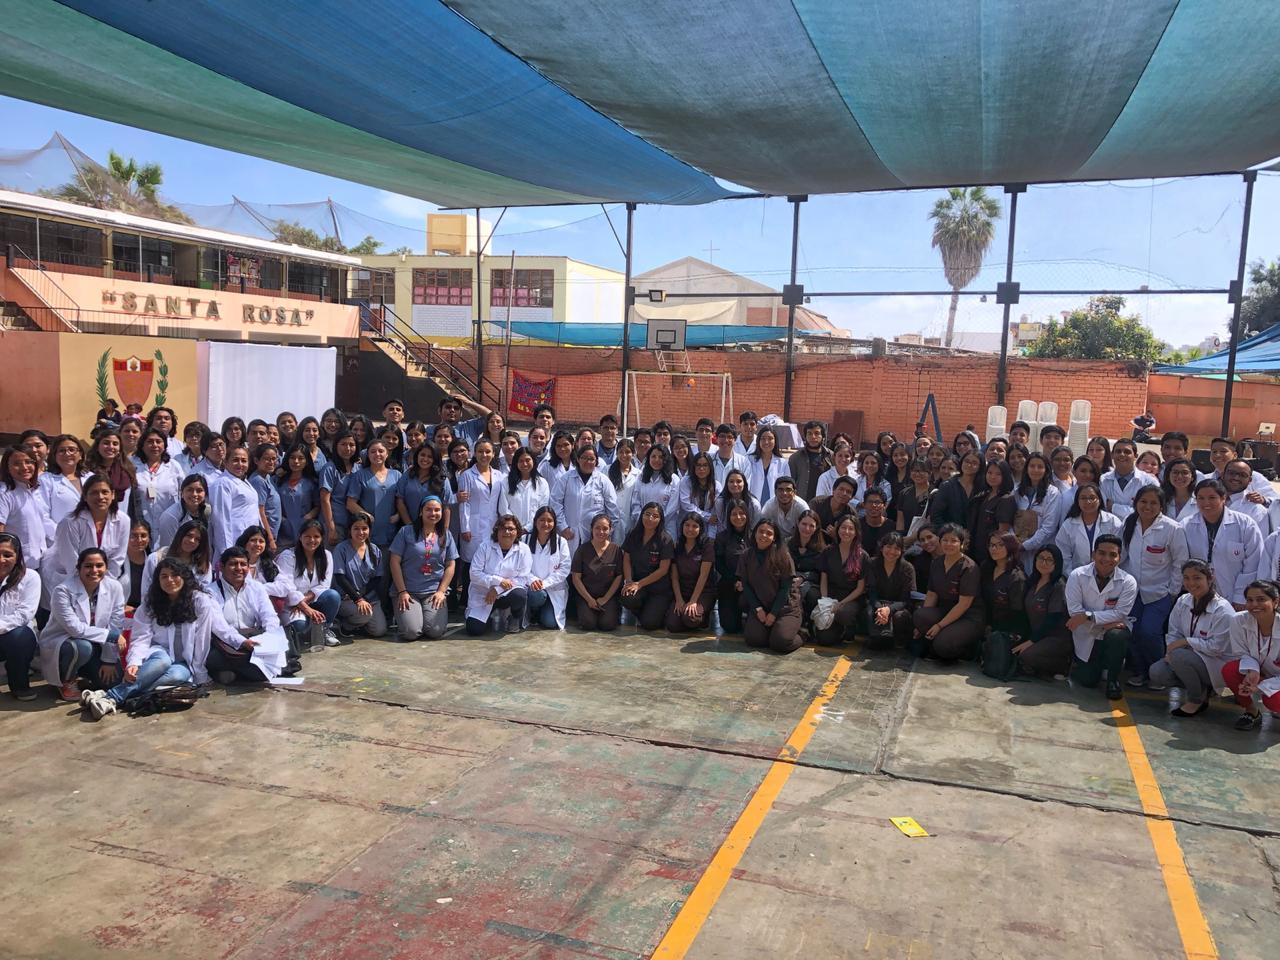 #VoluntariadoUPC: Campaña de Salud Preventiva en Chorrillos